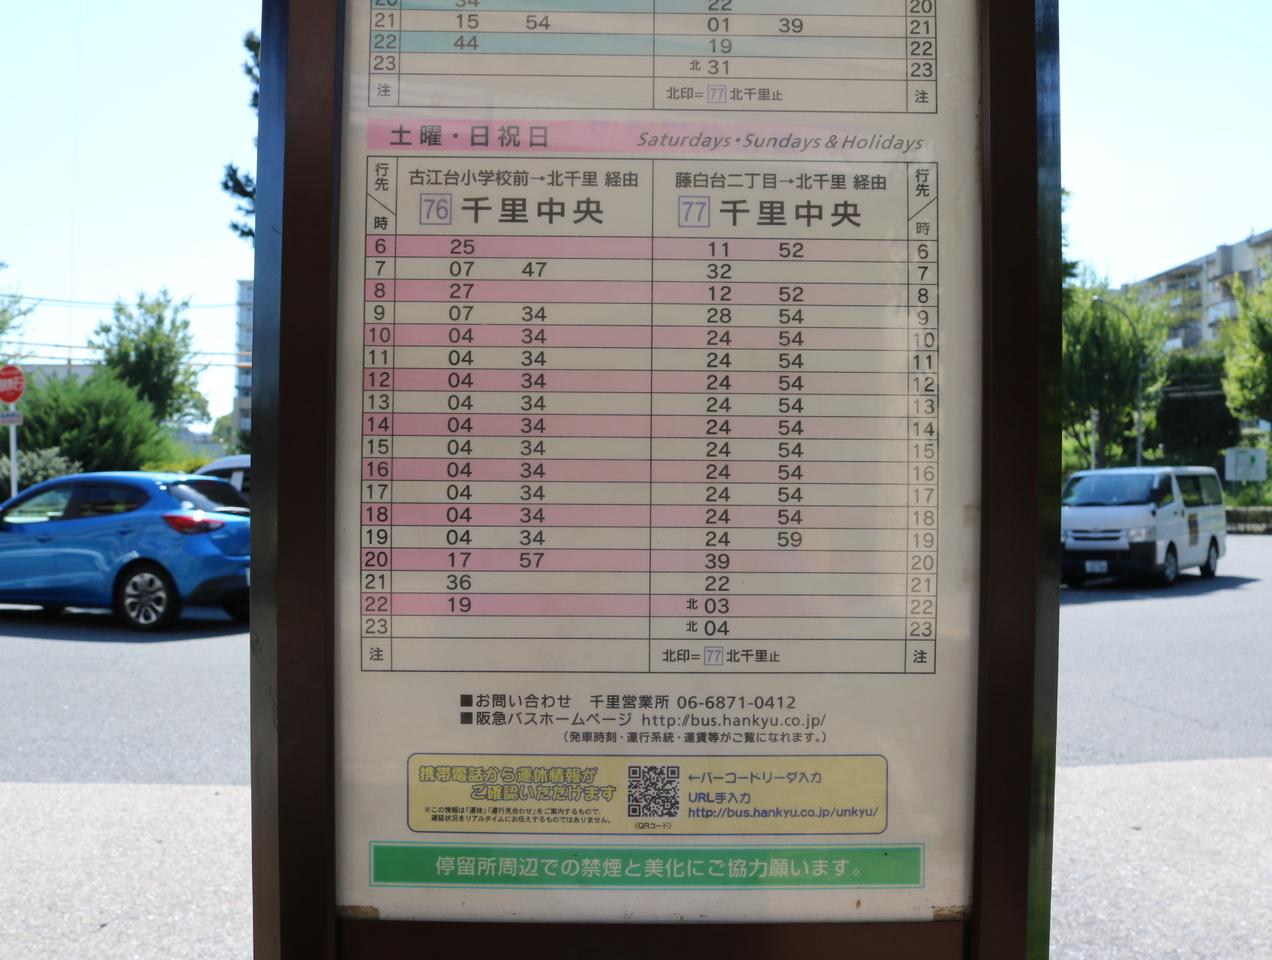 「ゆらら藤白台」バス停発北千里経由 千里中央行の時刻表です。 (土日祝日)